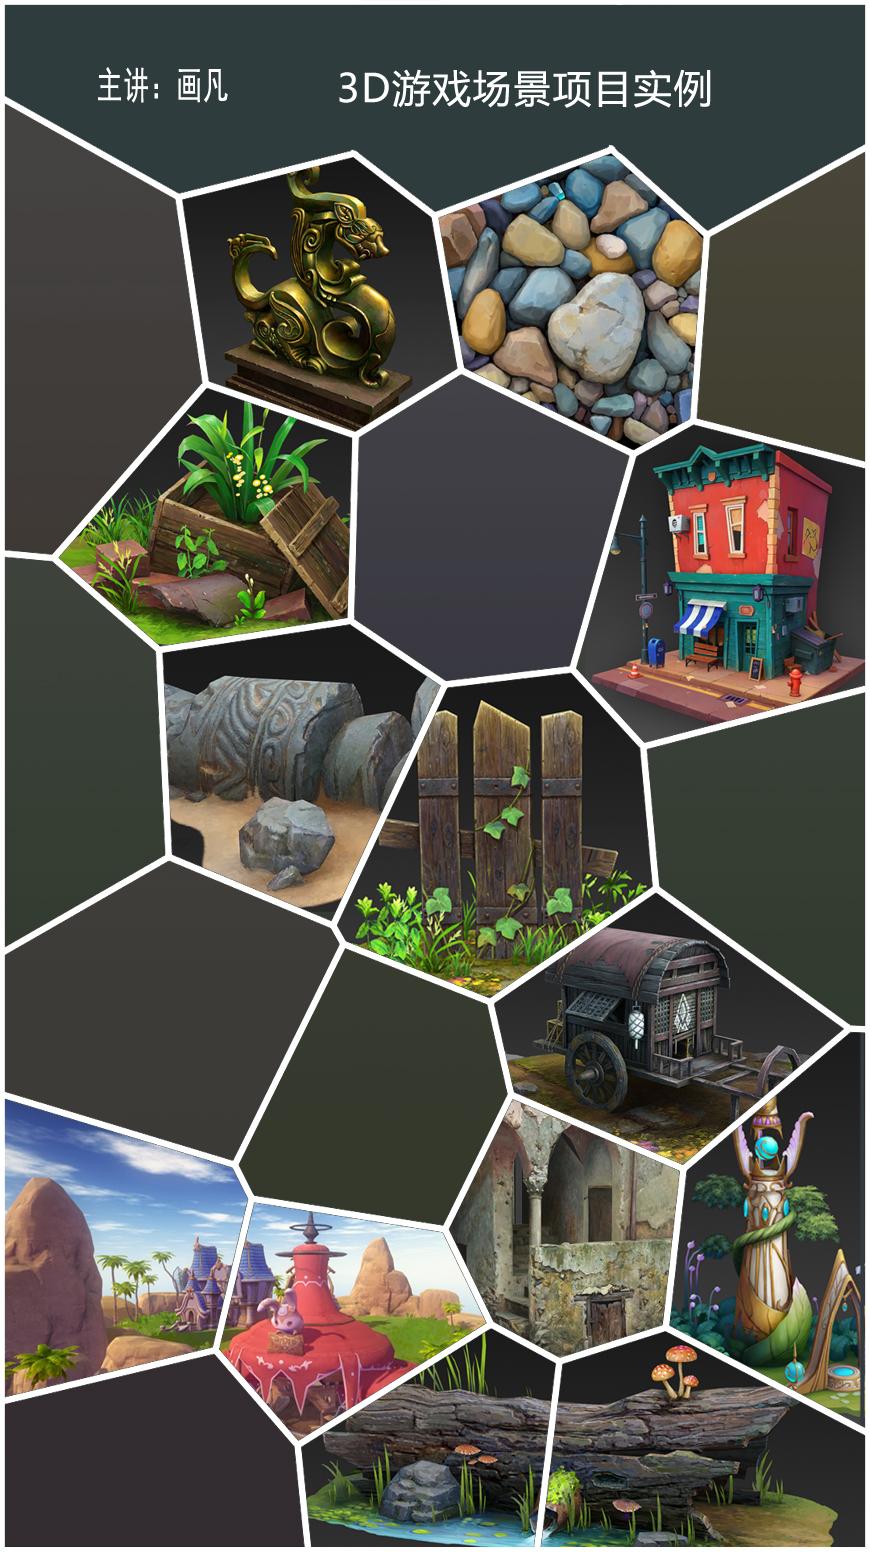 3DMax游戏场景制作教程